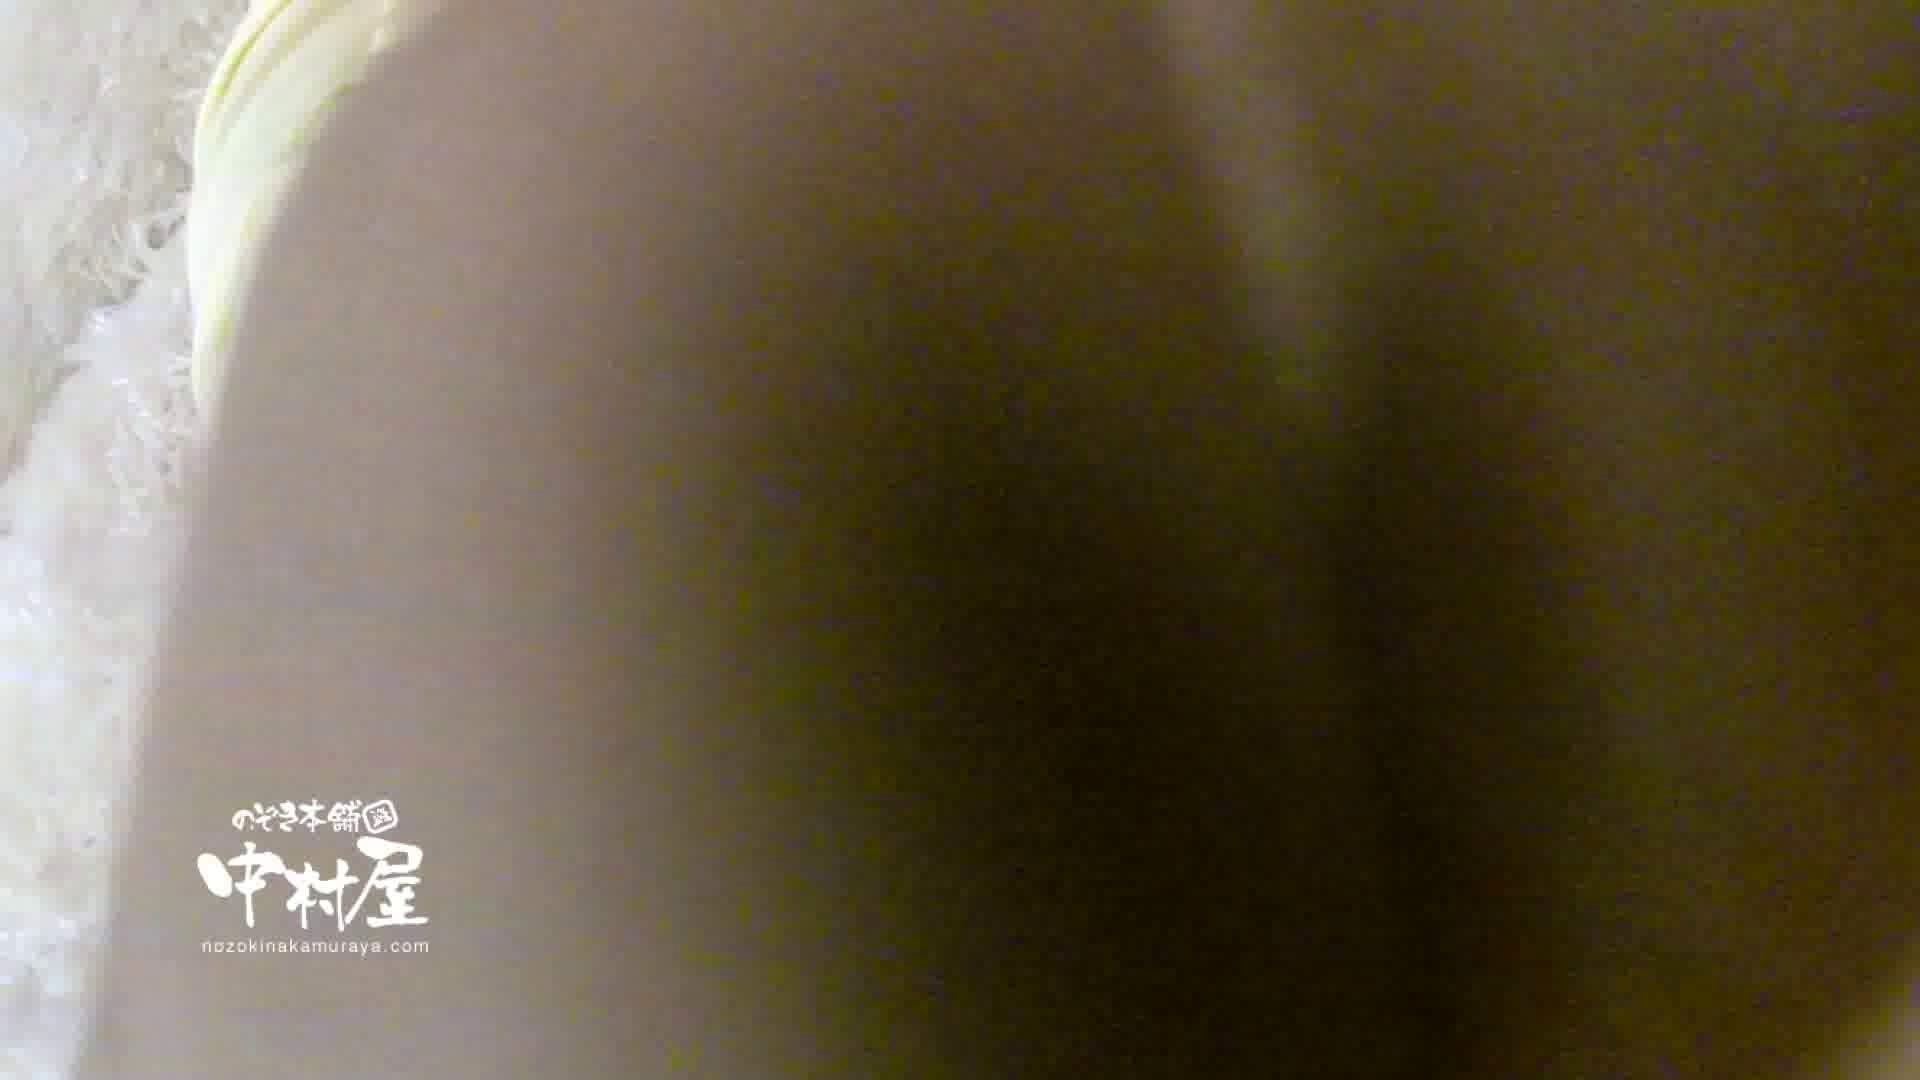 鬼畜 vol.17 中に出さないでください(アニメ声で懇願) 前編 美しいOLの裸体 | 鬼畜  104pic 71